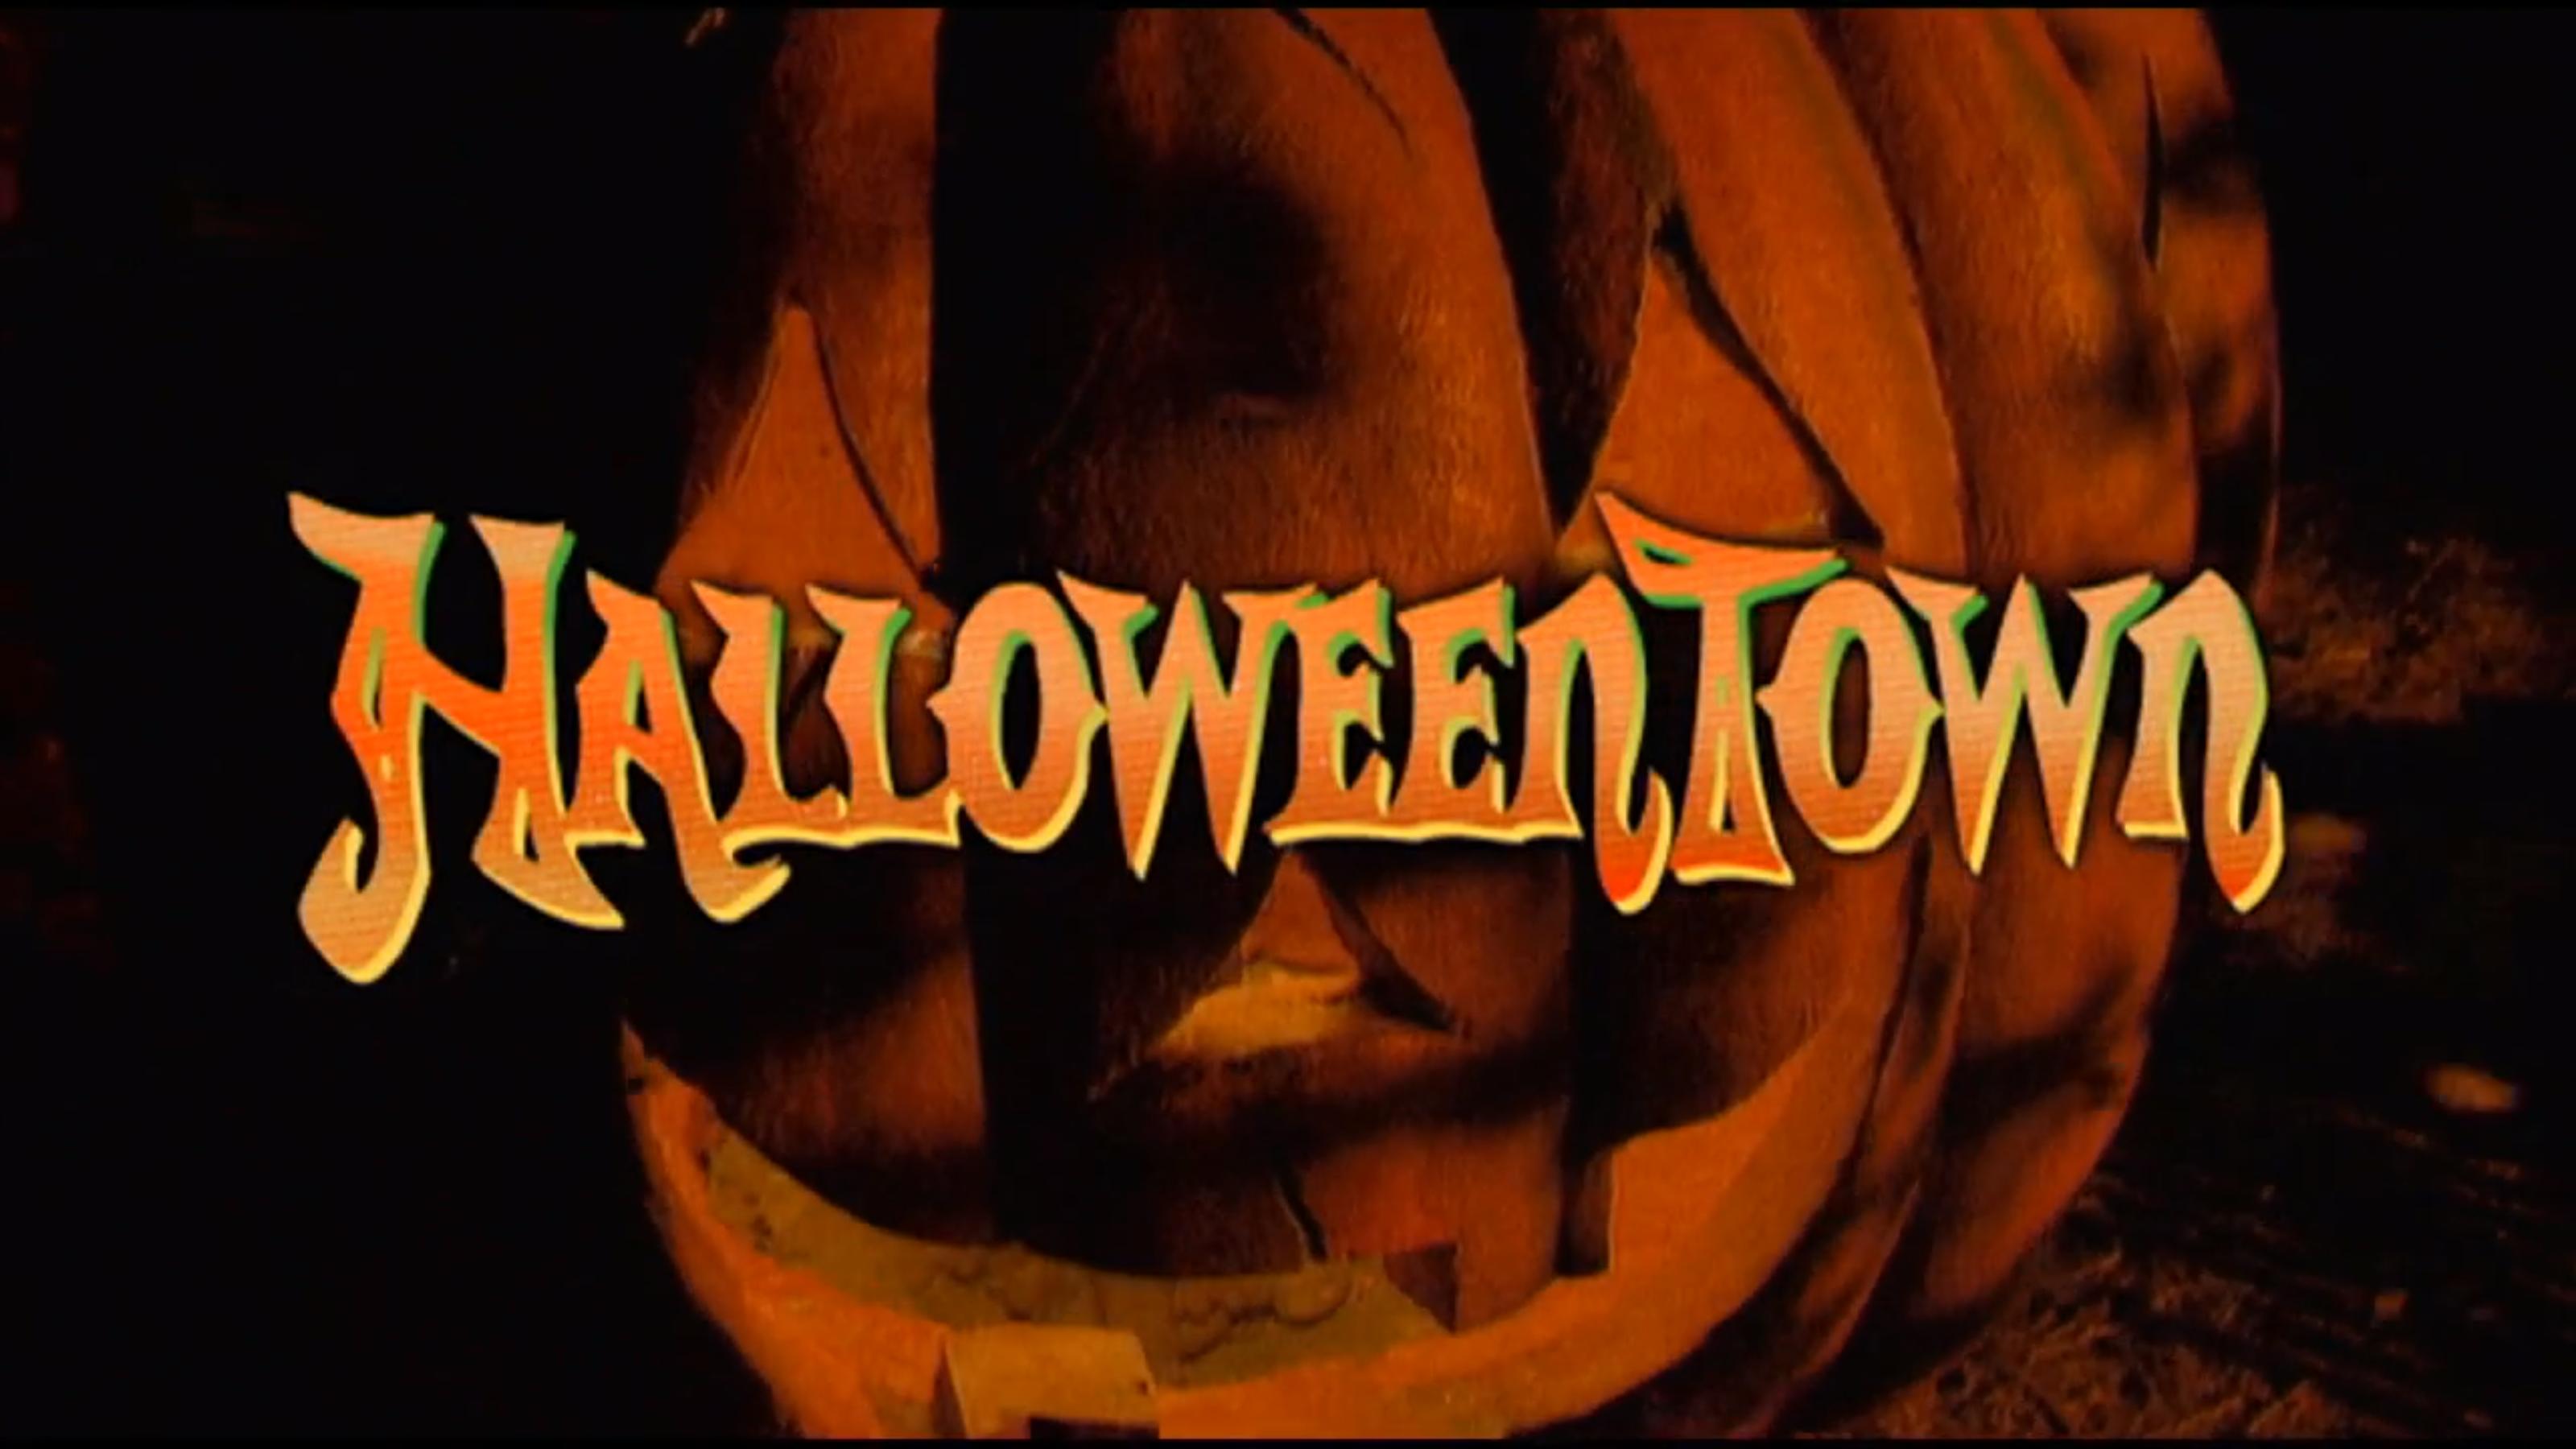 File:Halloweentown logo.png